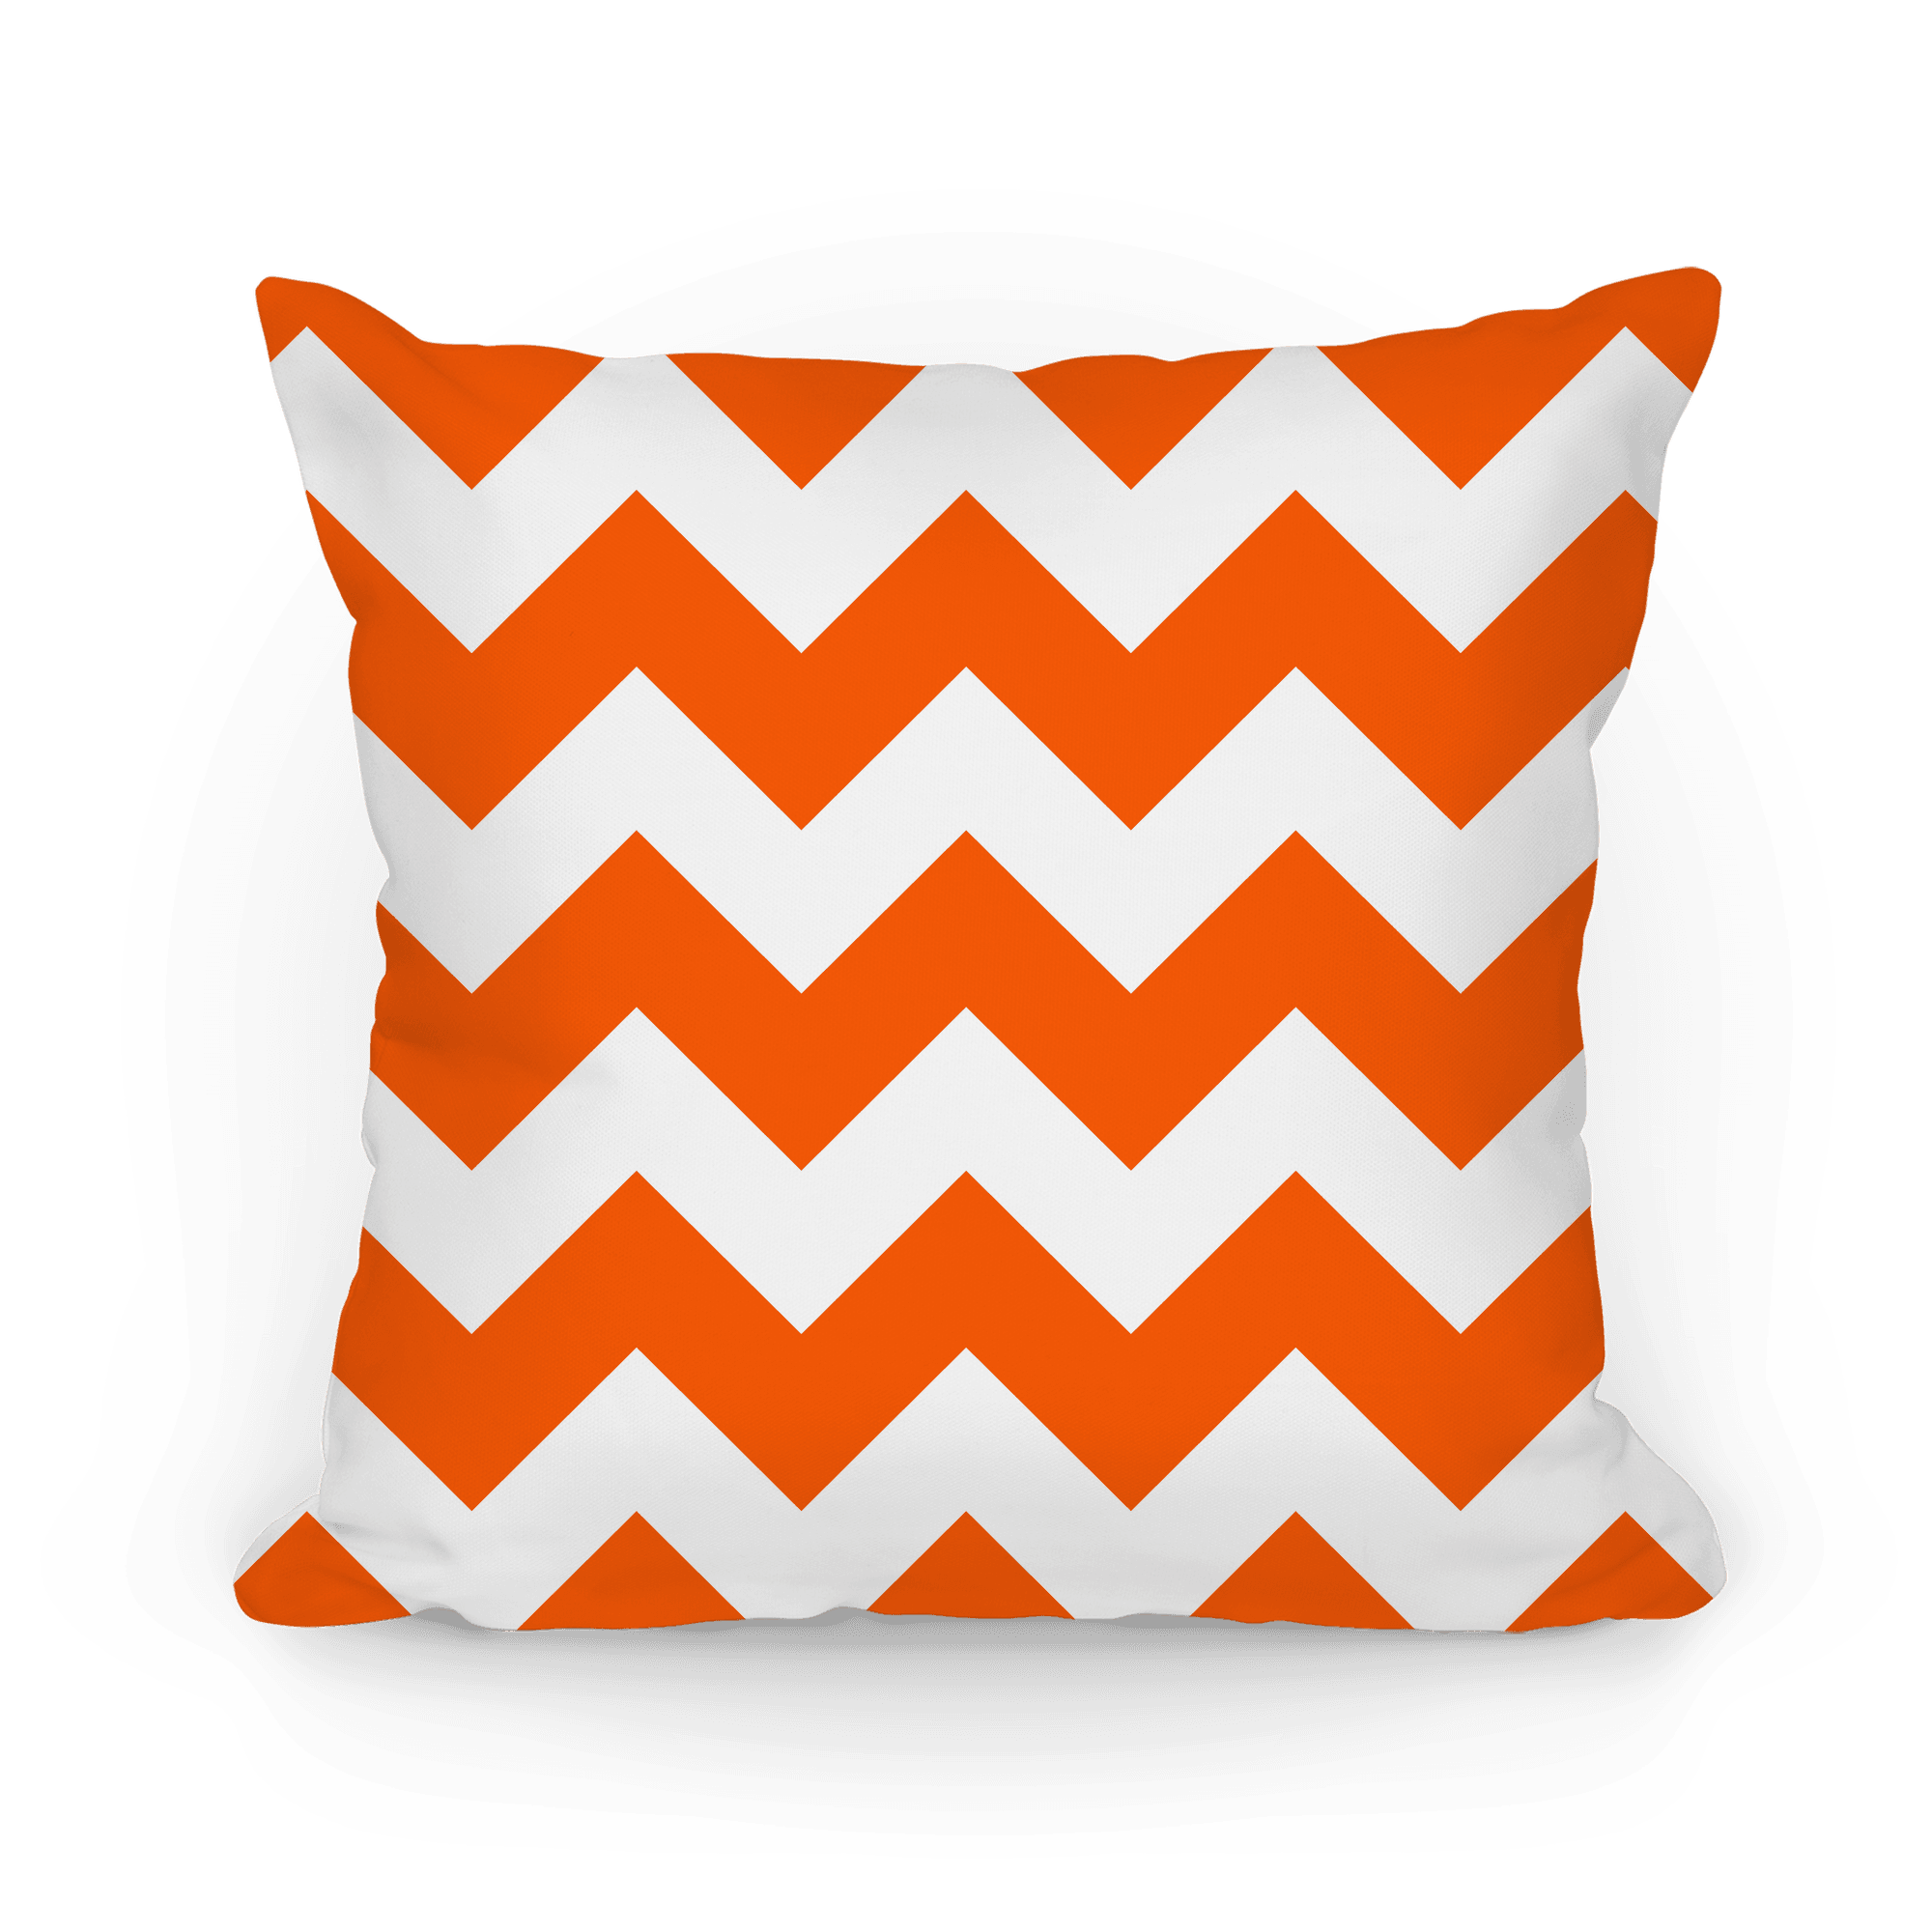 Chevron Pillow Tangerine Pillows Lookhuman